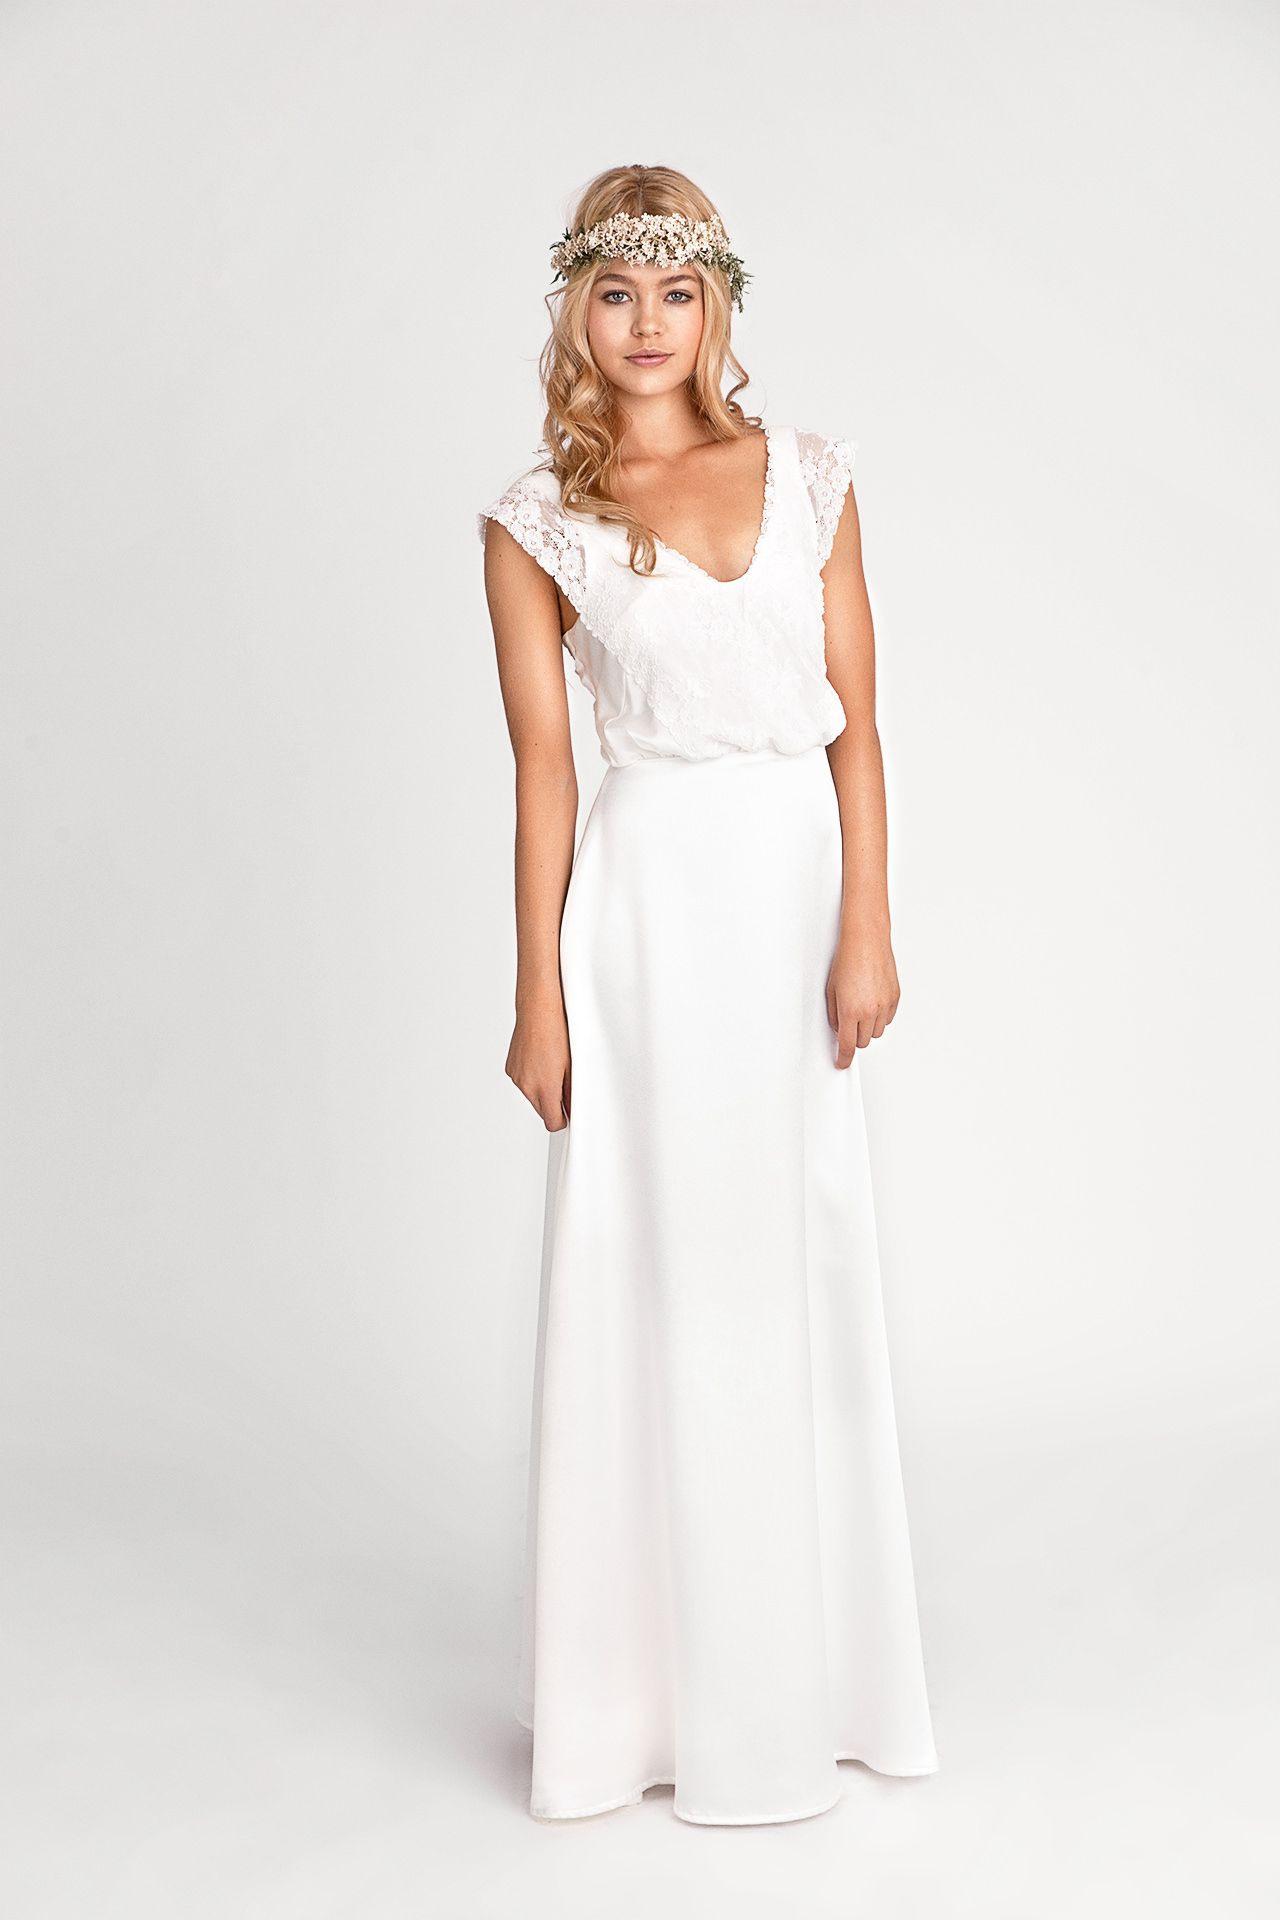 Boho-Brautkleider 2019/2020: Diese Kleider Sind Einfach